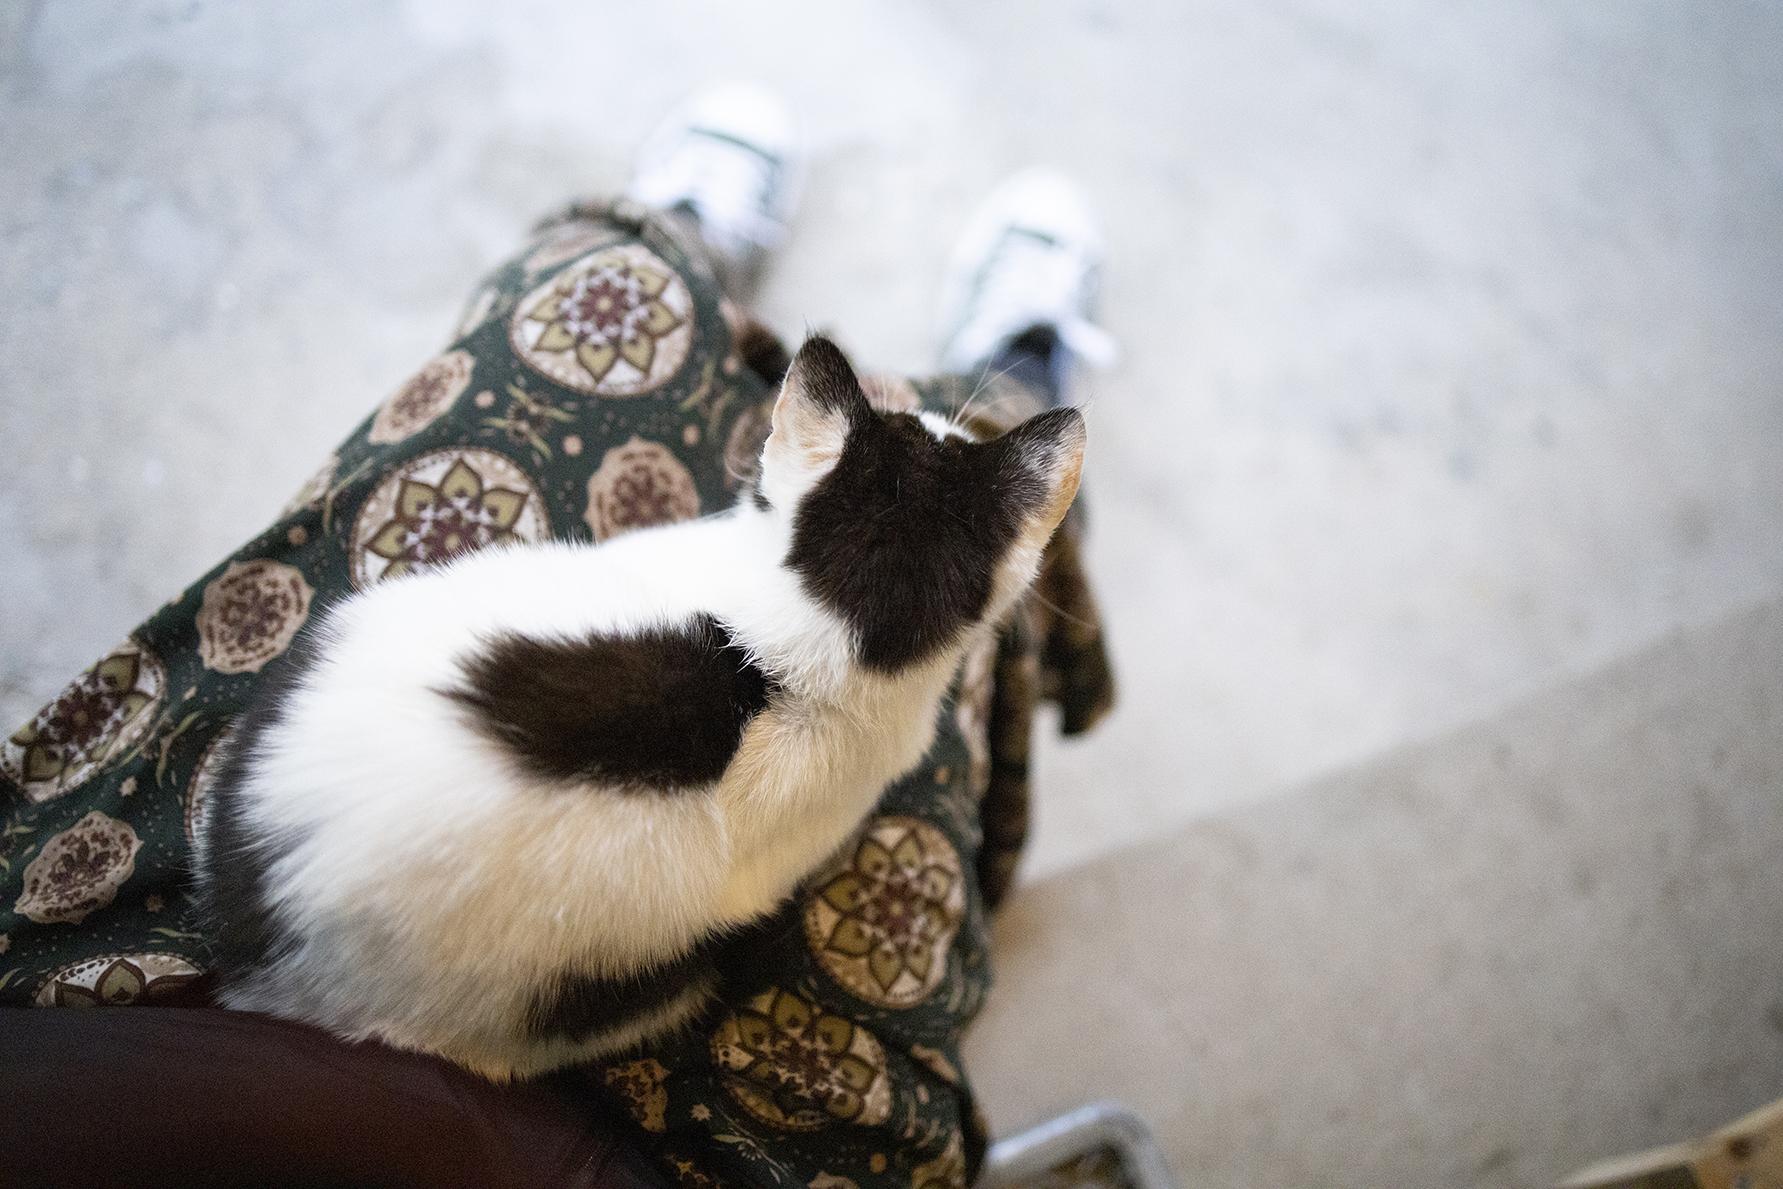 膝の上に乗った子猫